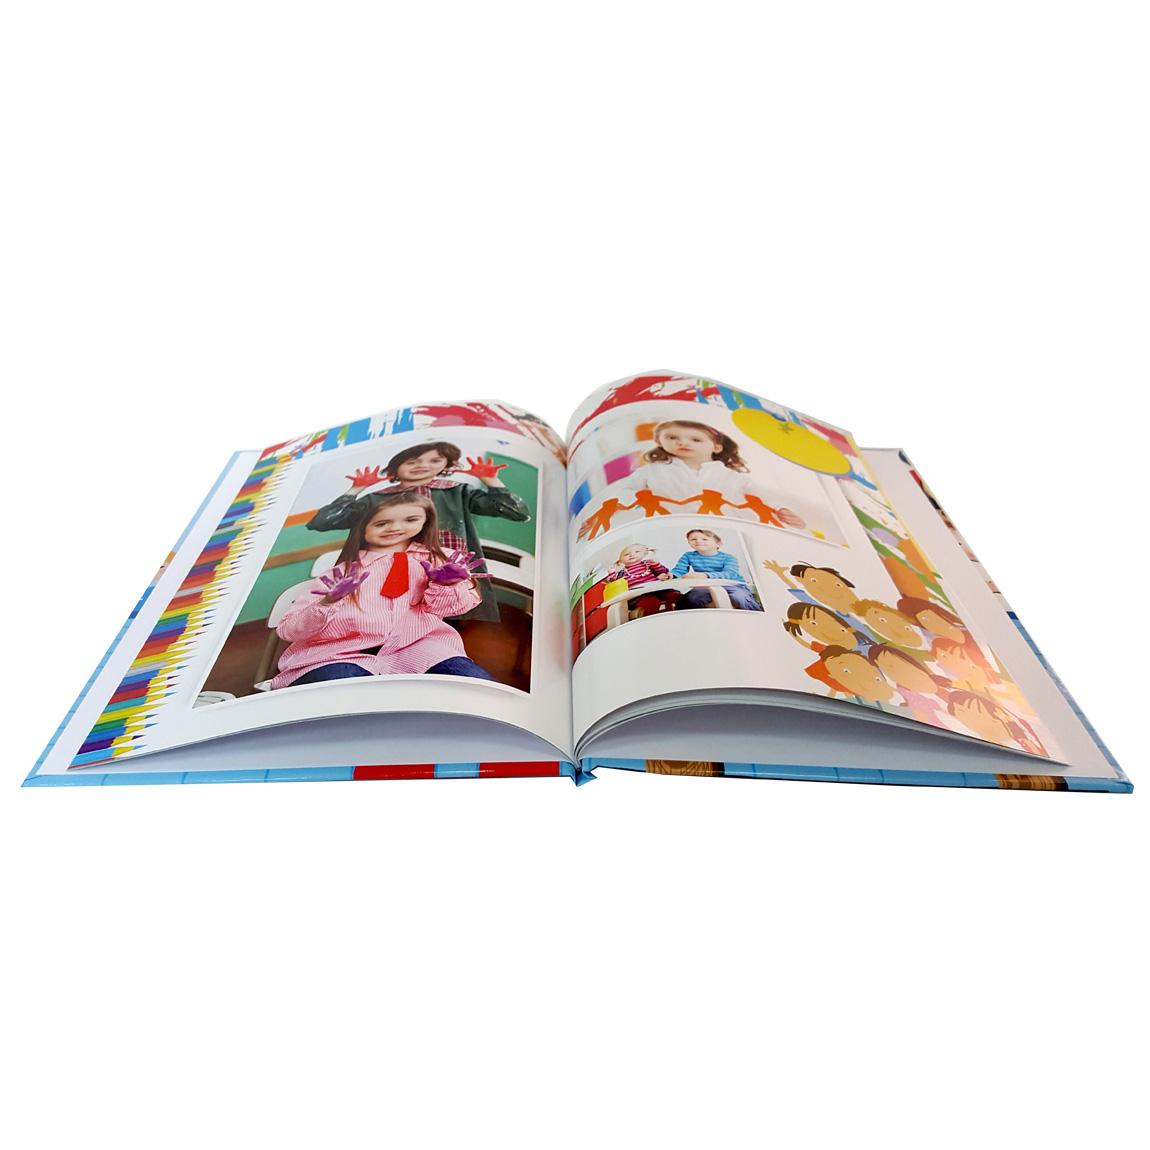 מסכמים שנה נהדרת בגן! אלבום סוף שנה בגודל A4 אנכי כרוך בכריכה קשה 32 עמודים - תמונה 2